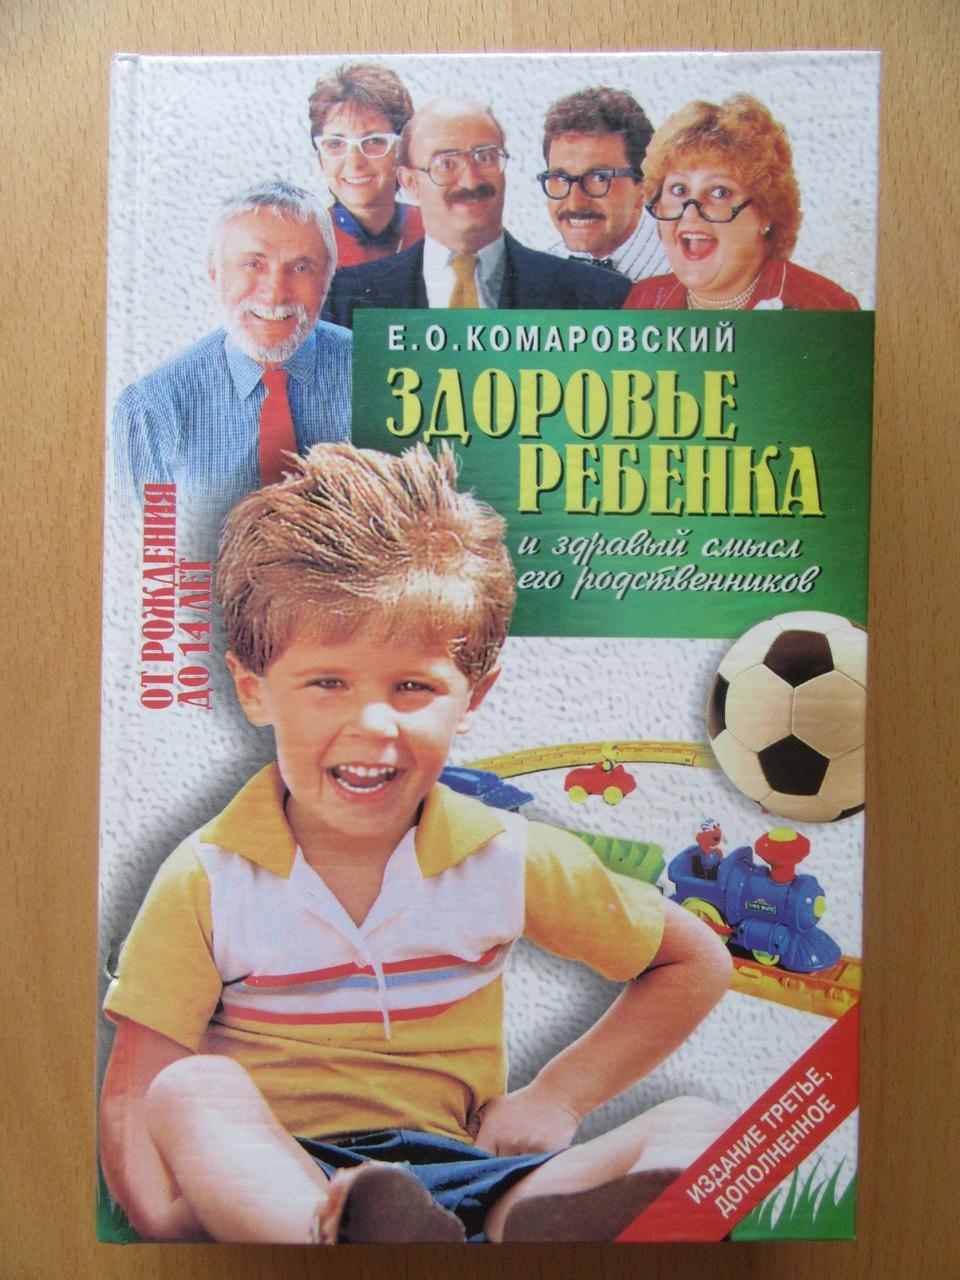 Е.О.Комаровский. Здоровье ребёнка и здравый смысл его родственников